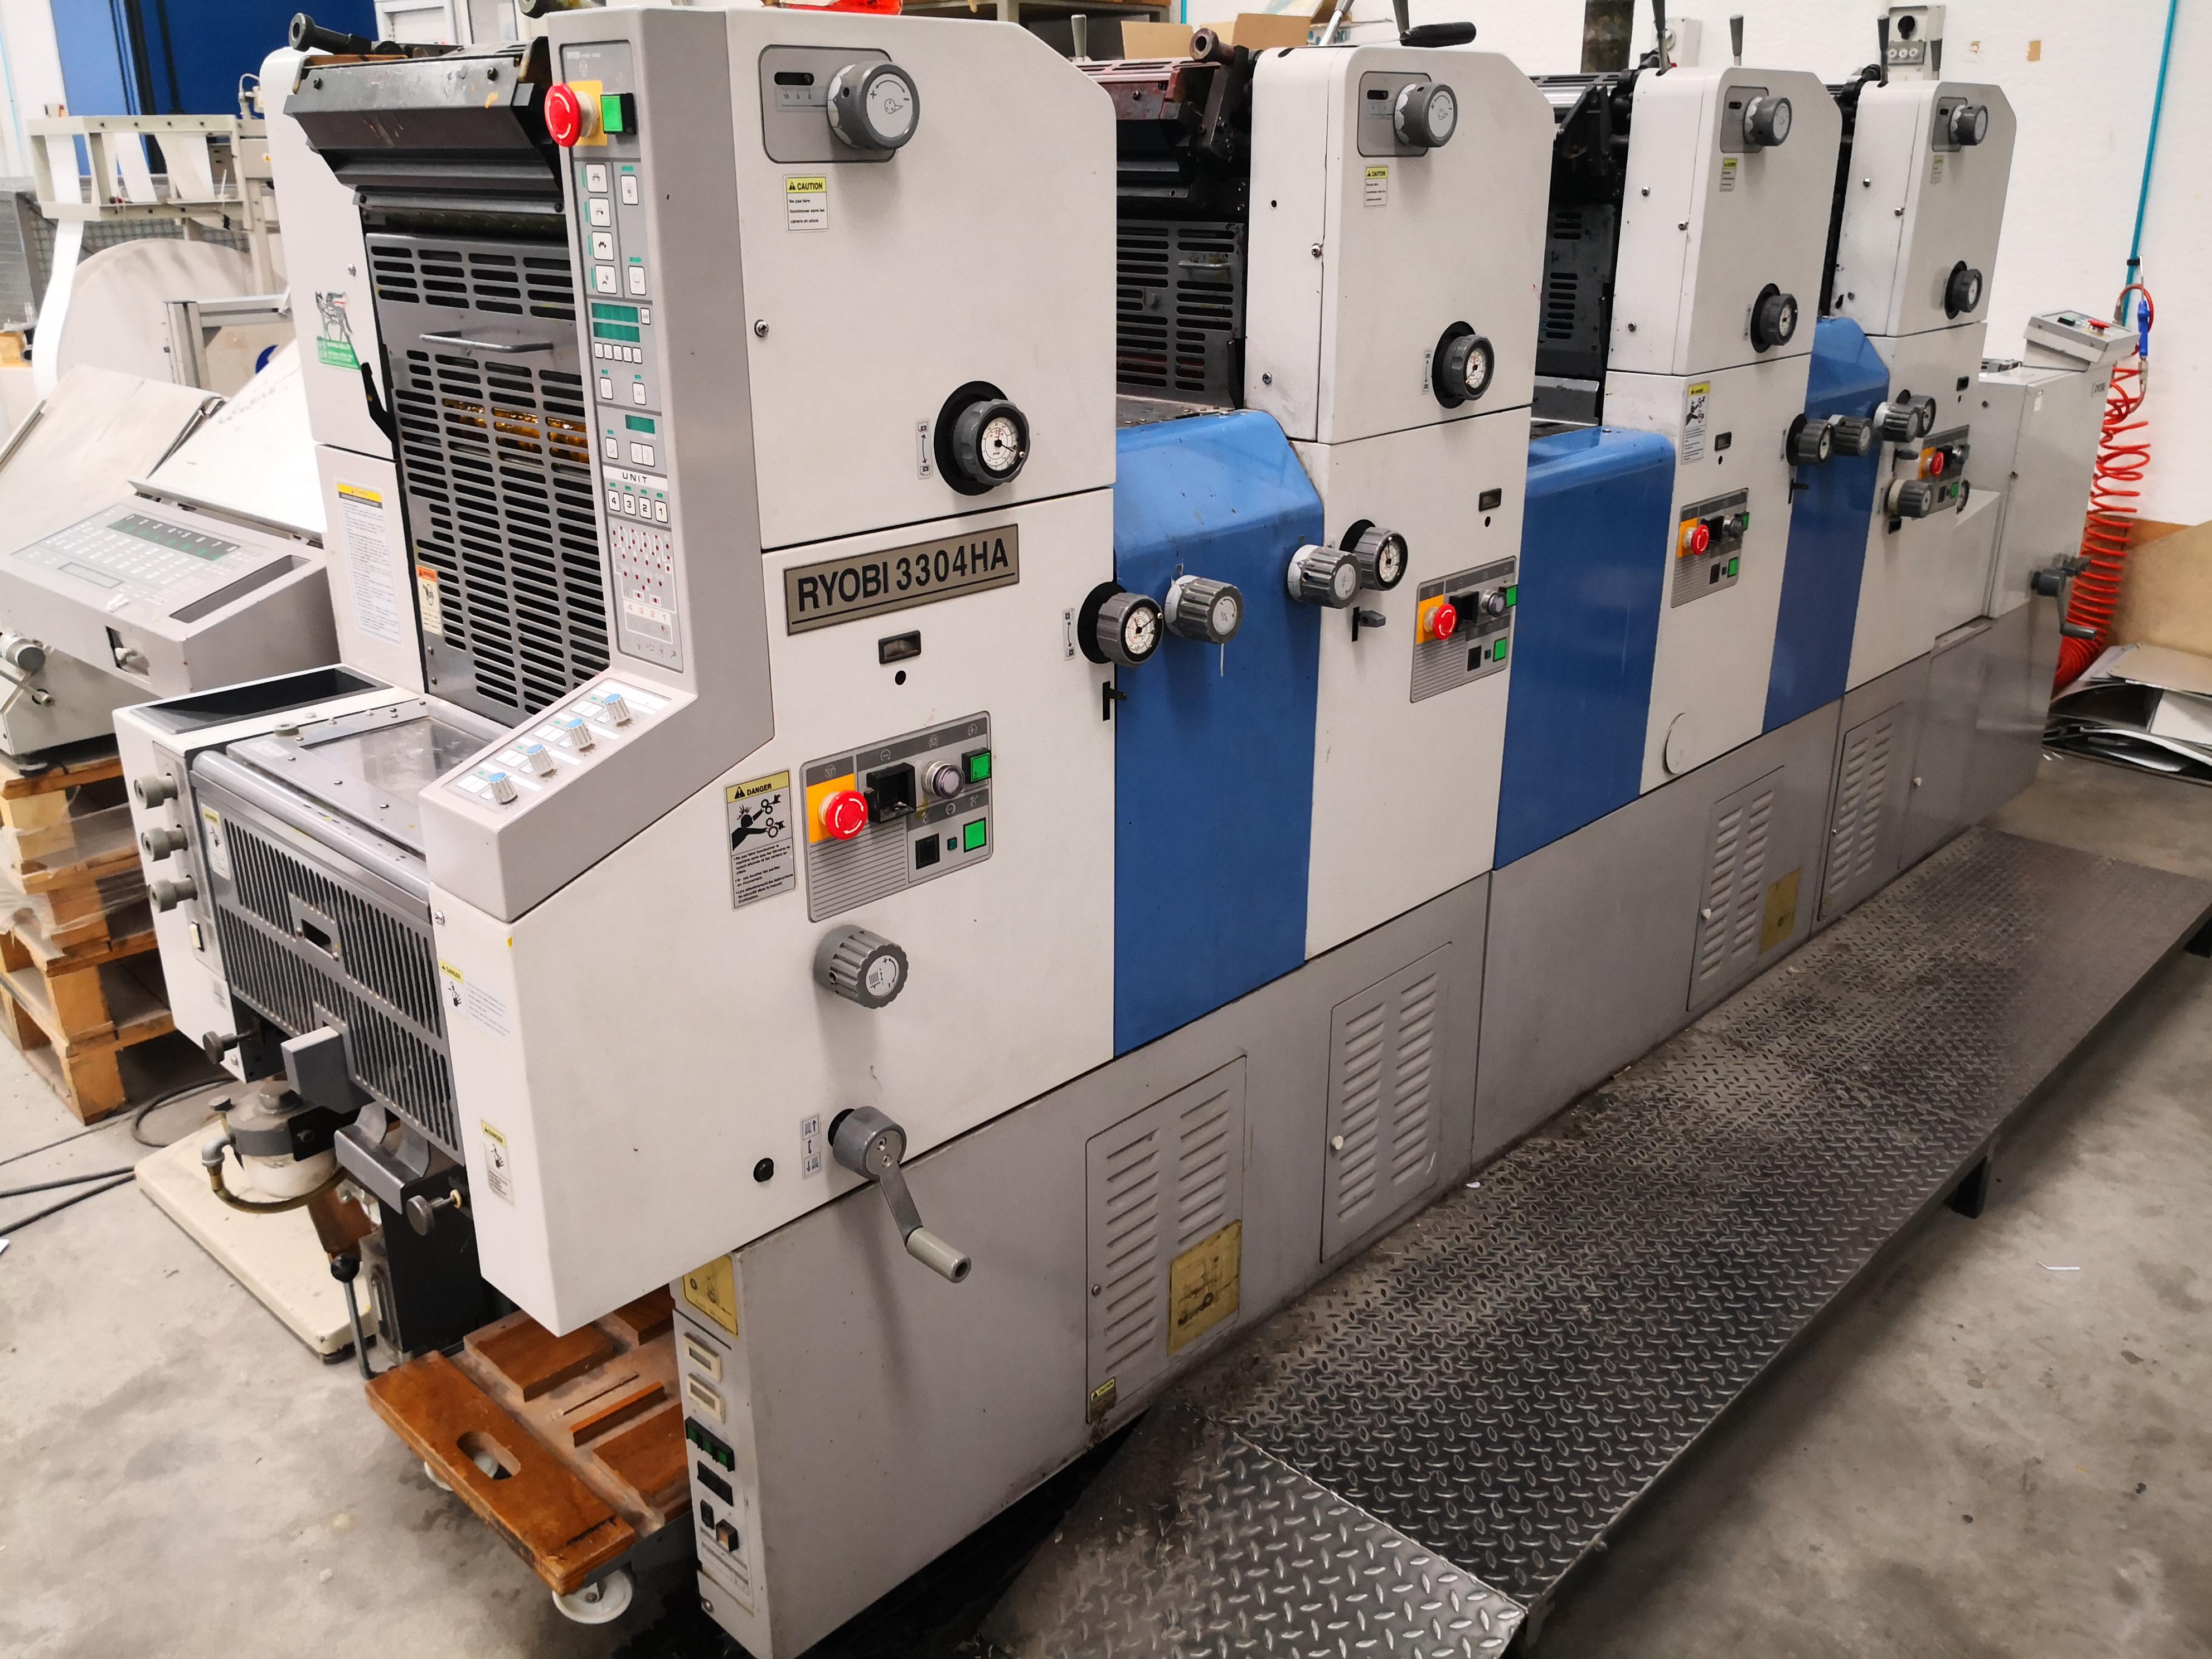 Macchine da stampa offset in vendita